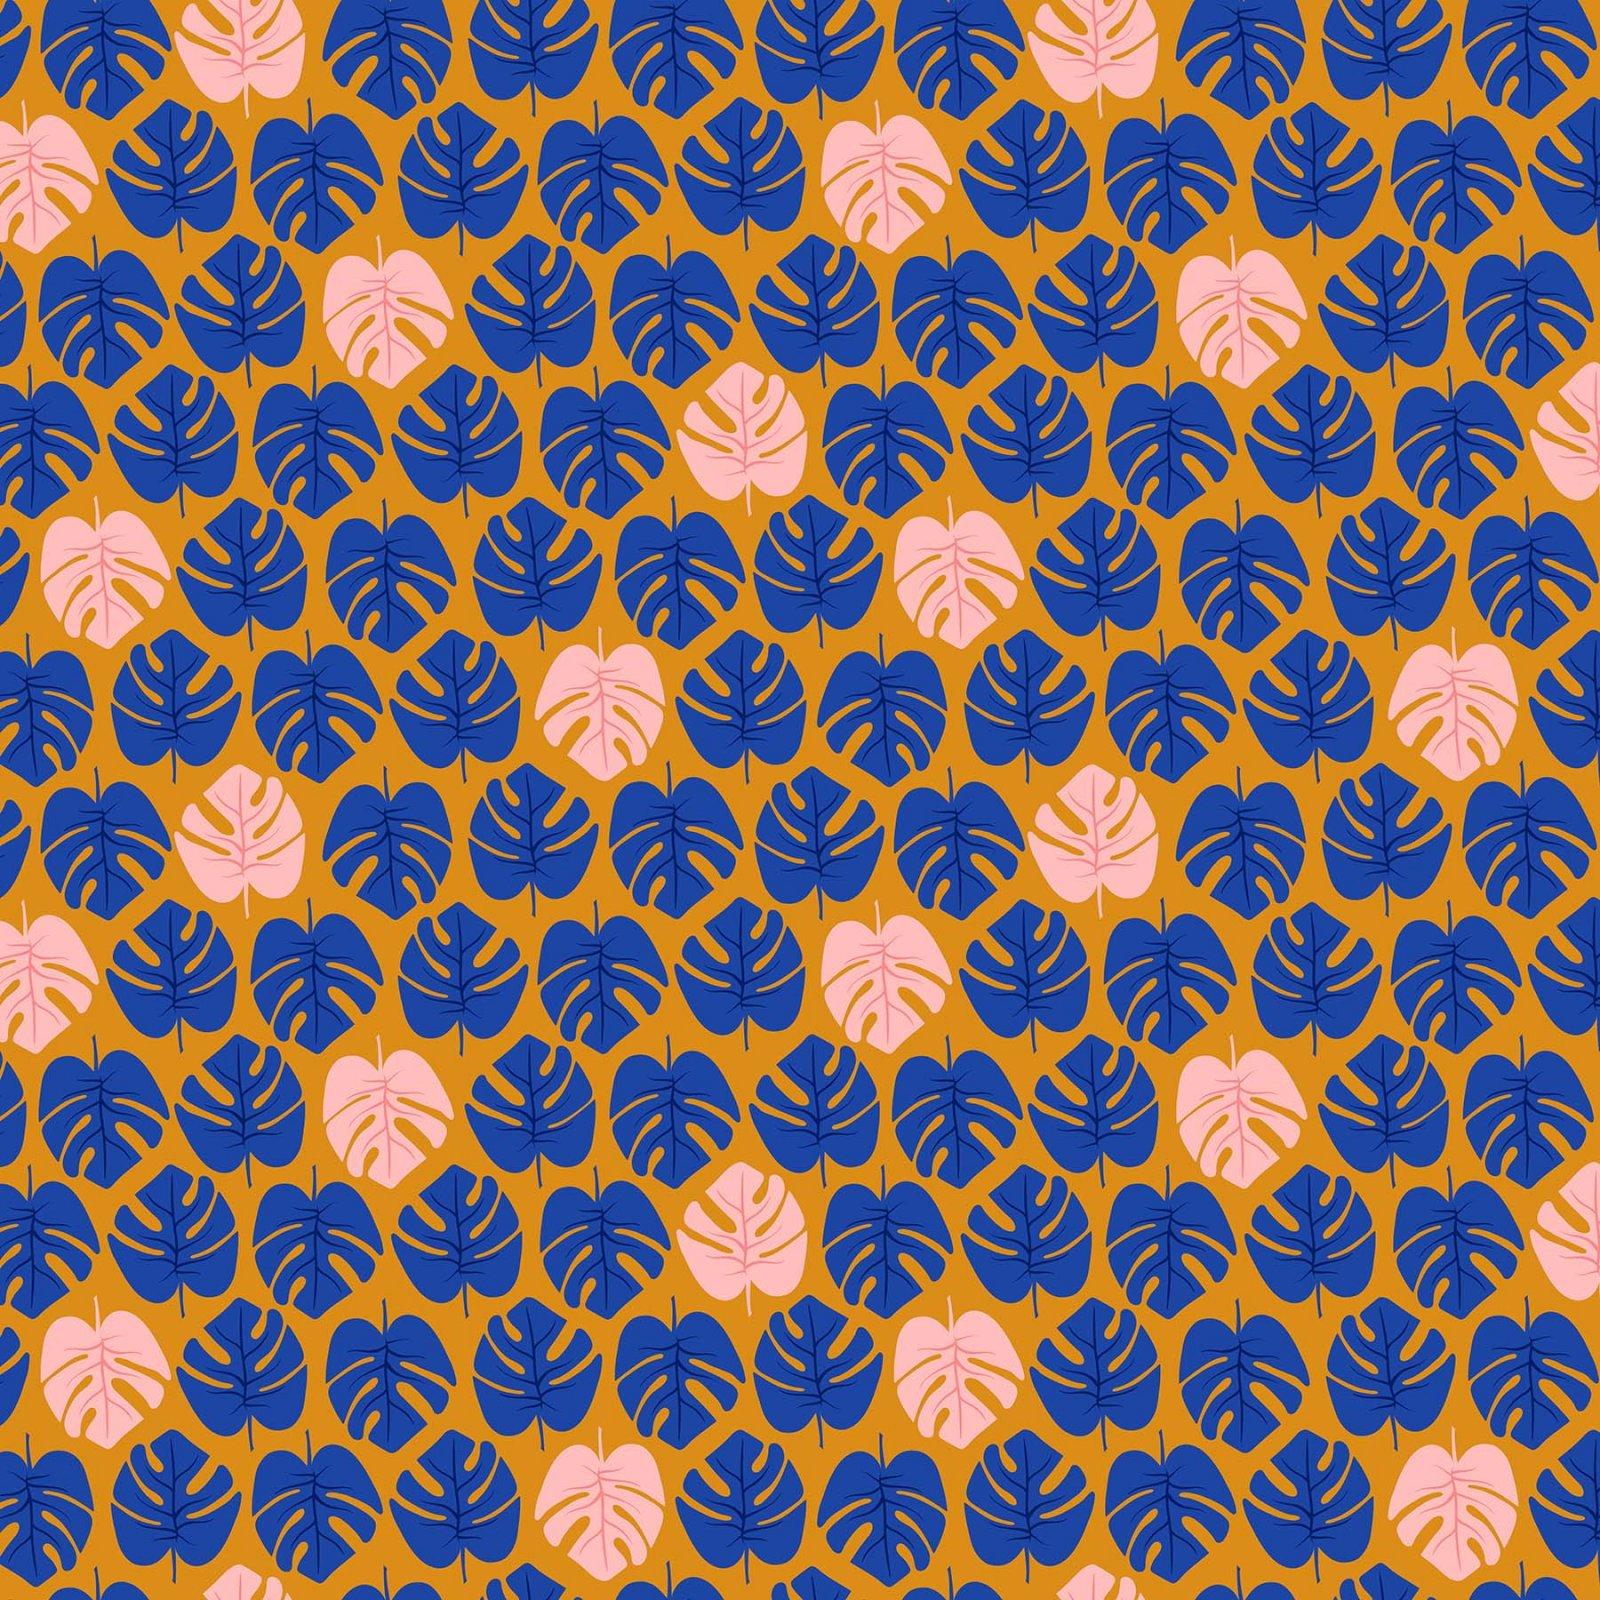 C90028-53/Ochre: Tropical Jammin' (Figo)